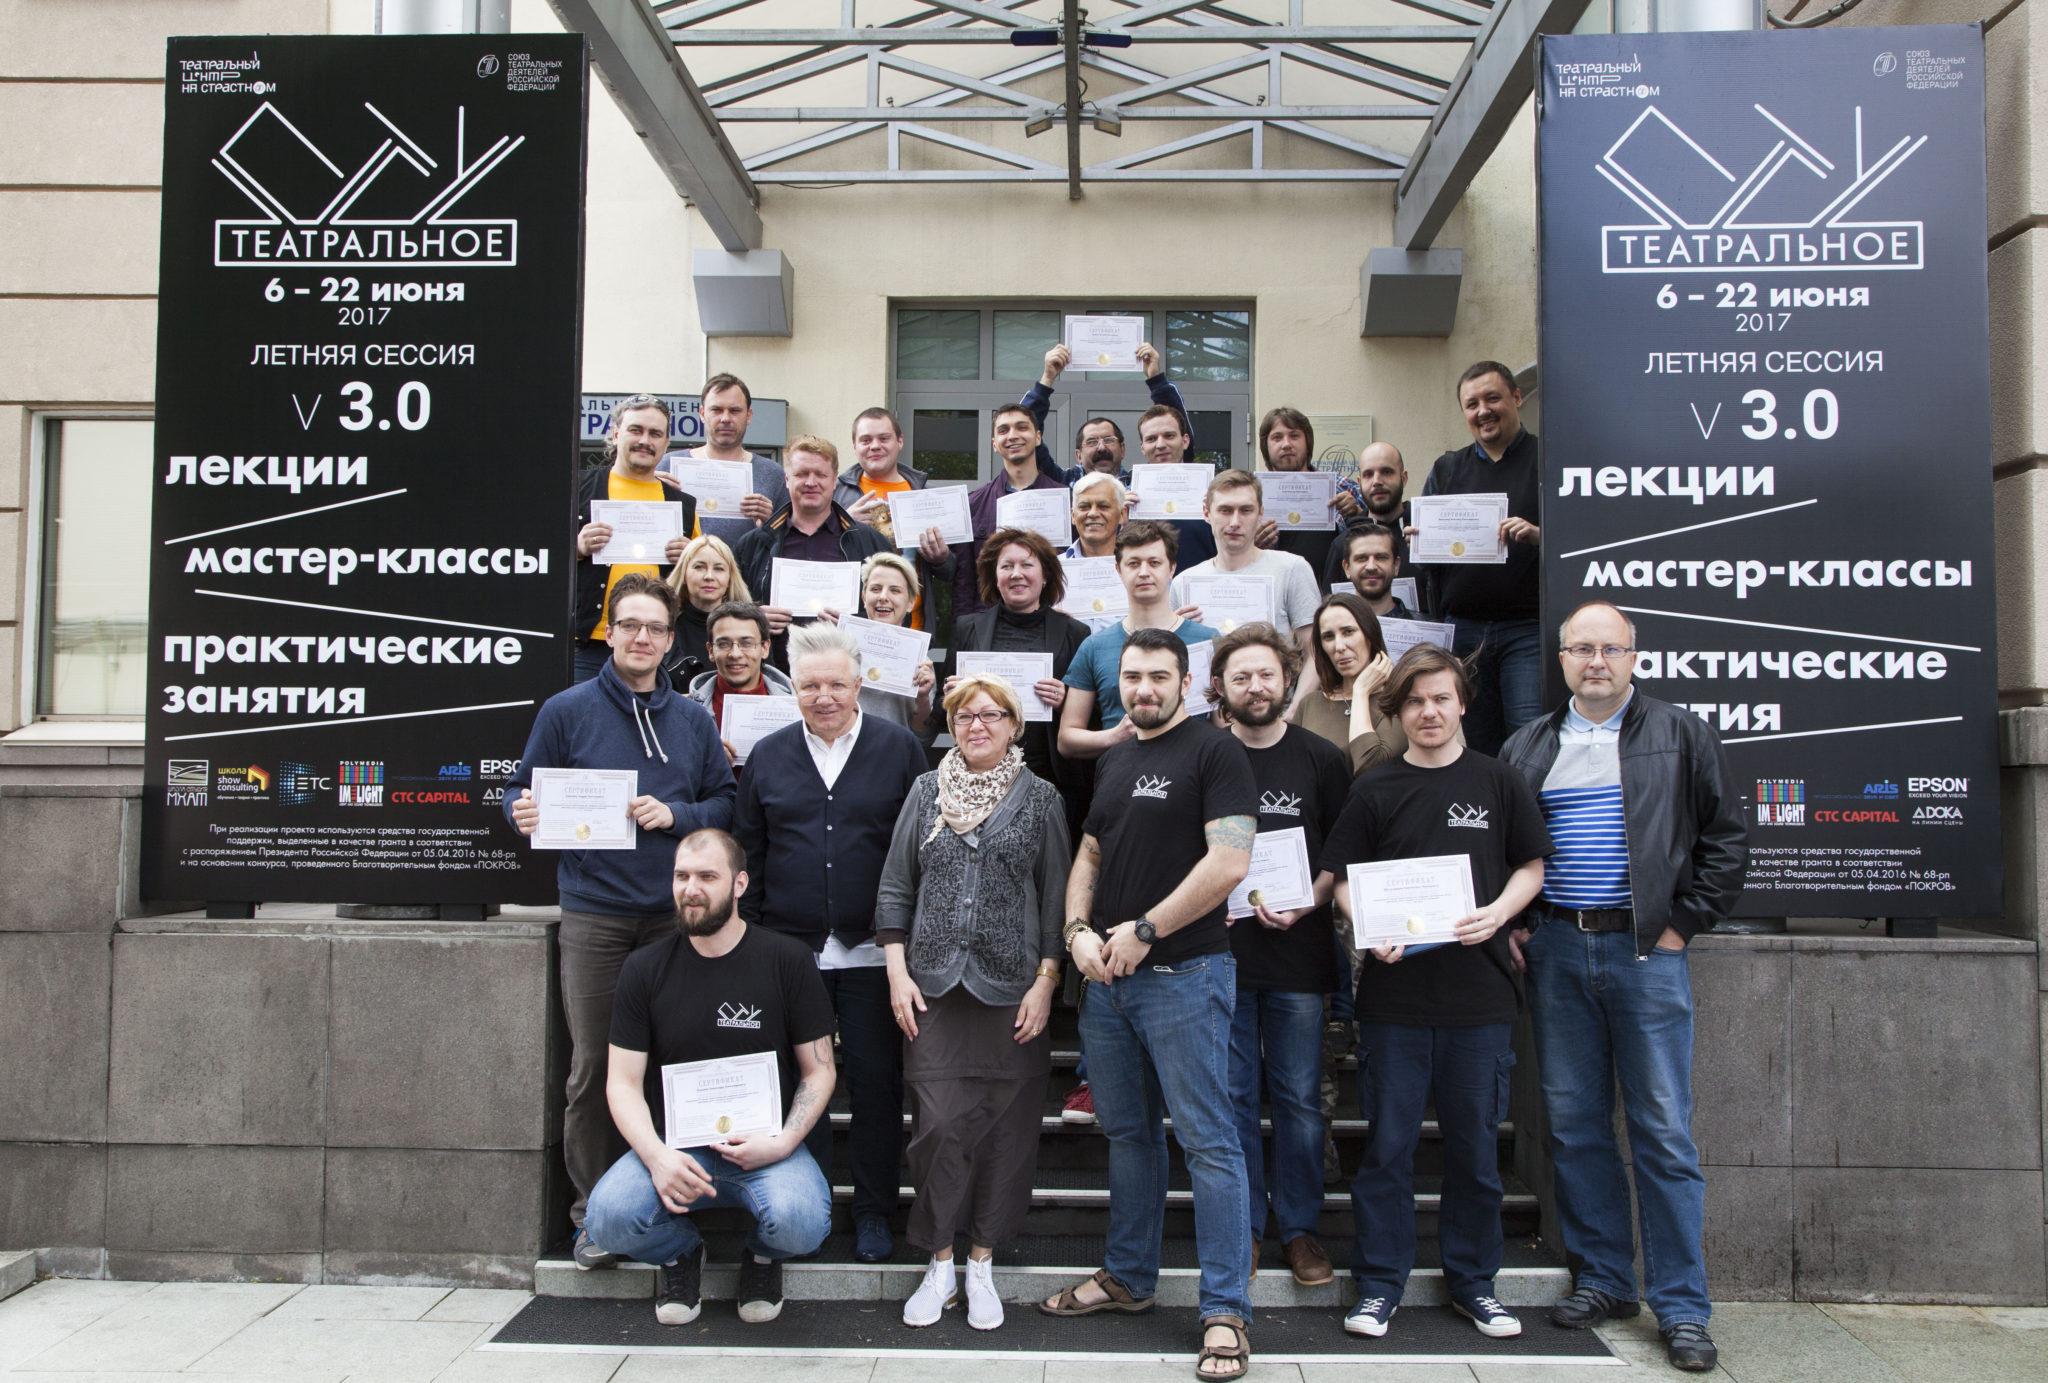 ТЮЗ в проекте «Театральное ПТУ-2017»